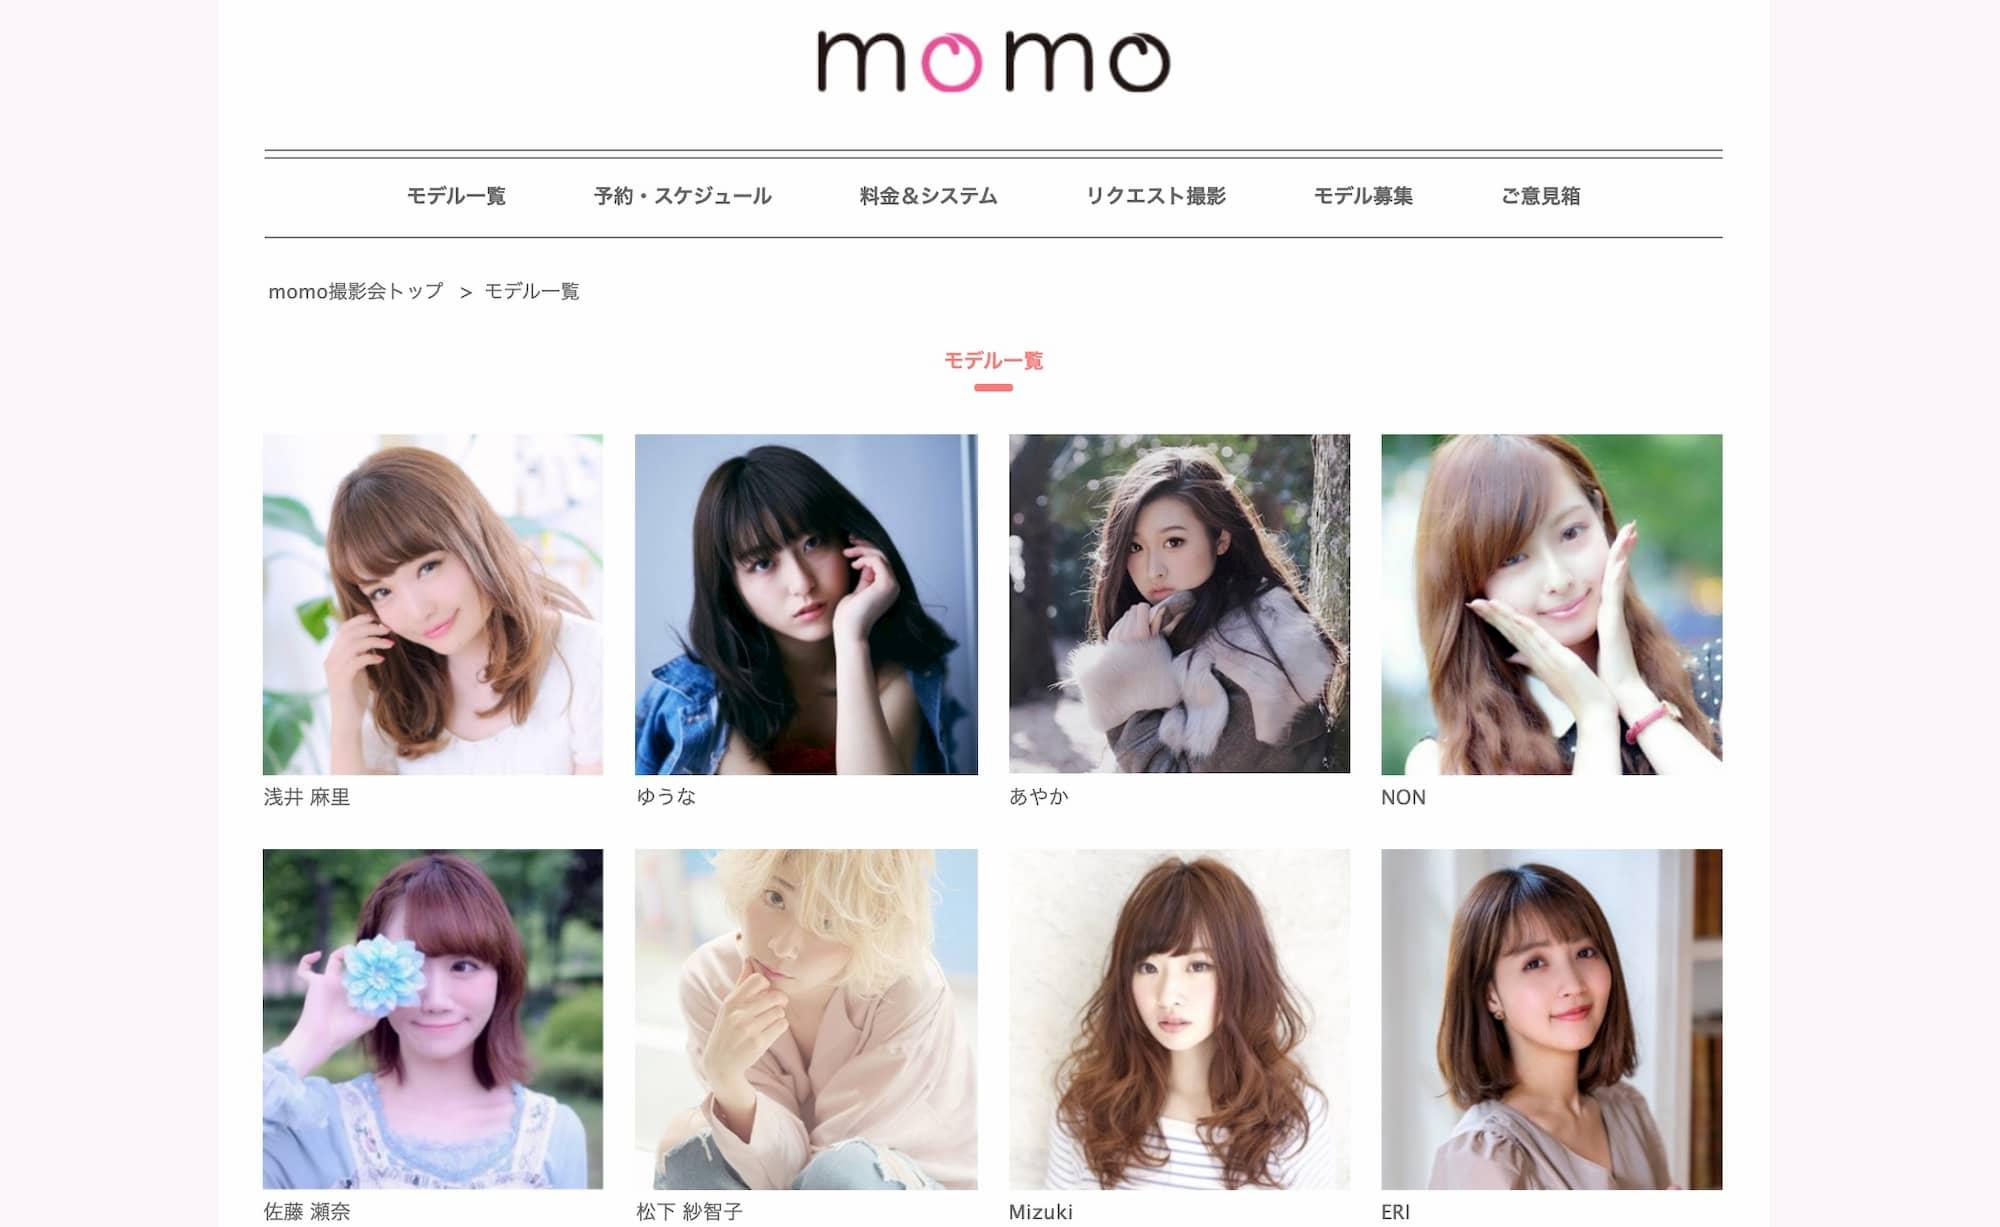 1.momo撮影会